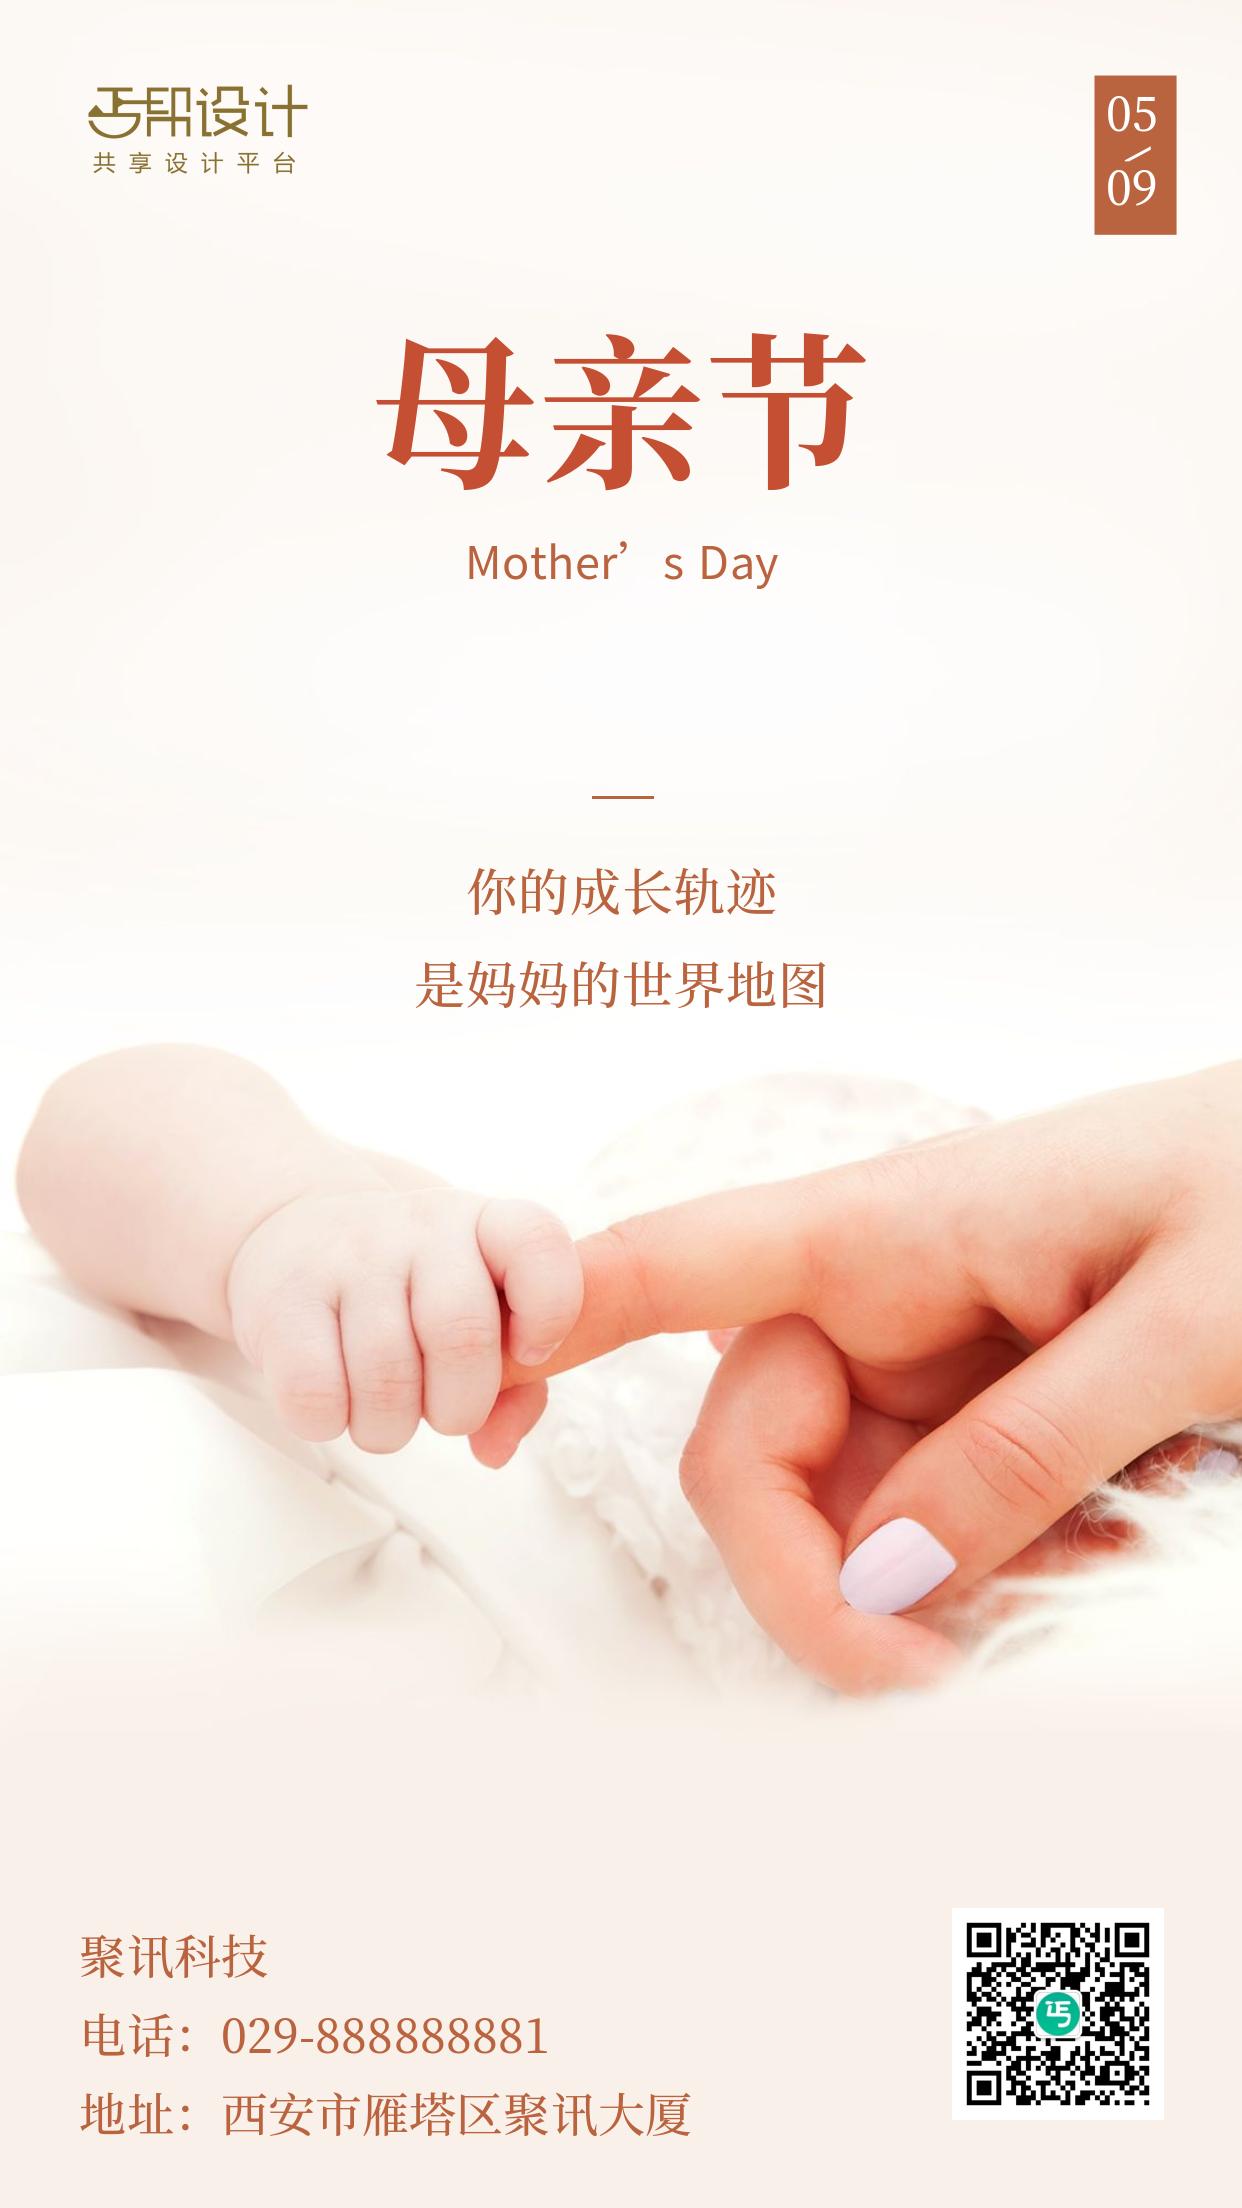 手拉手母亲节祝福感恩妈妈温馨手机海报